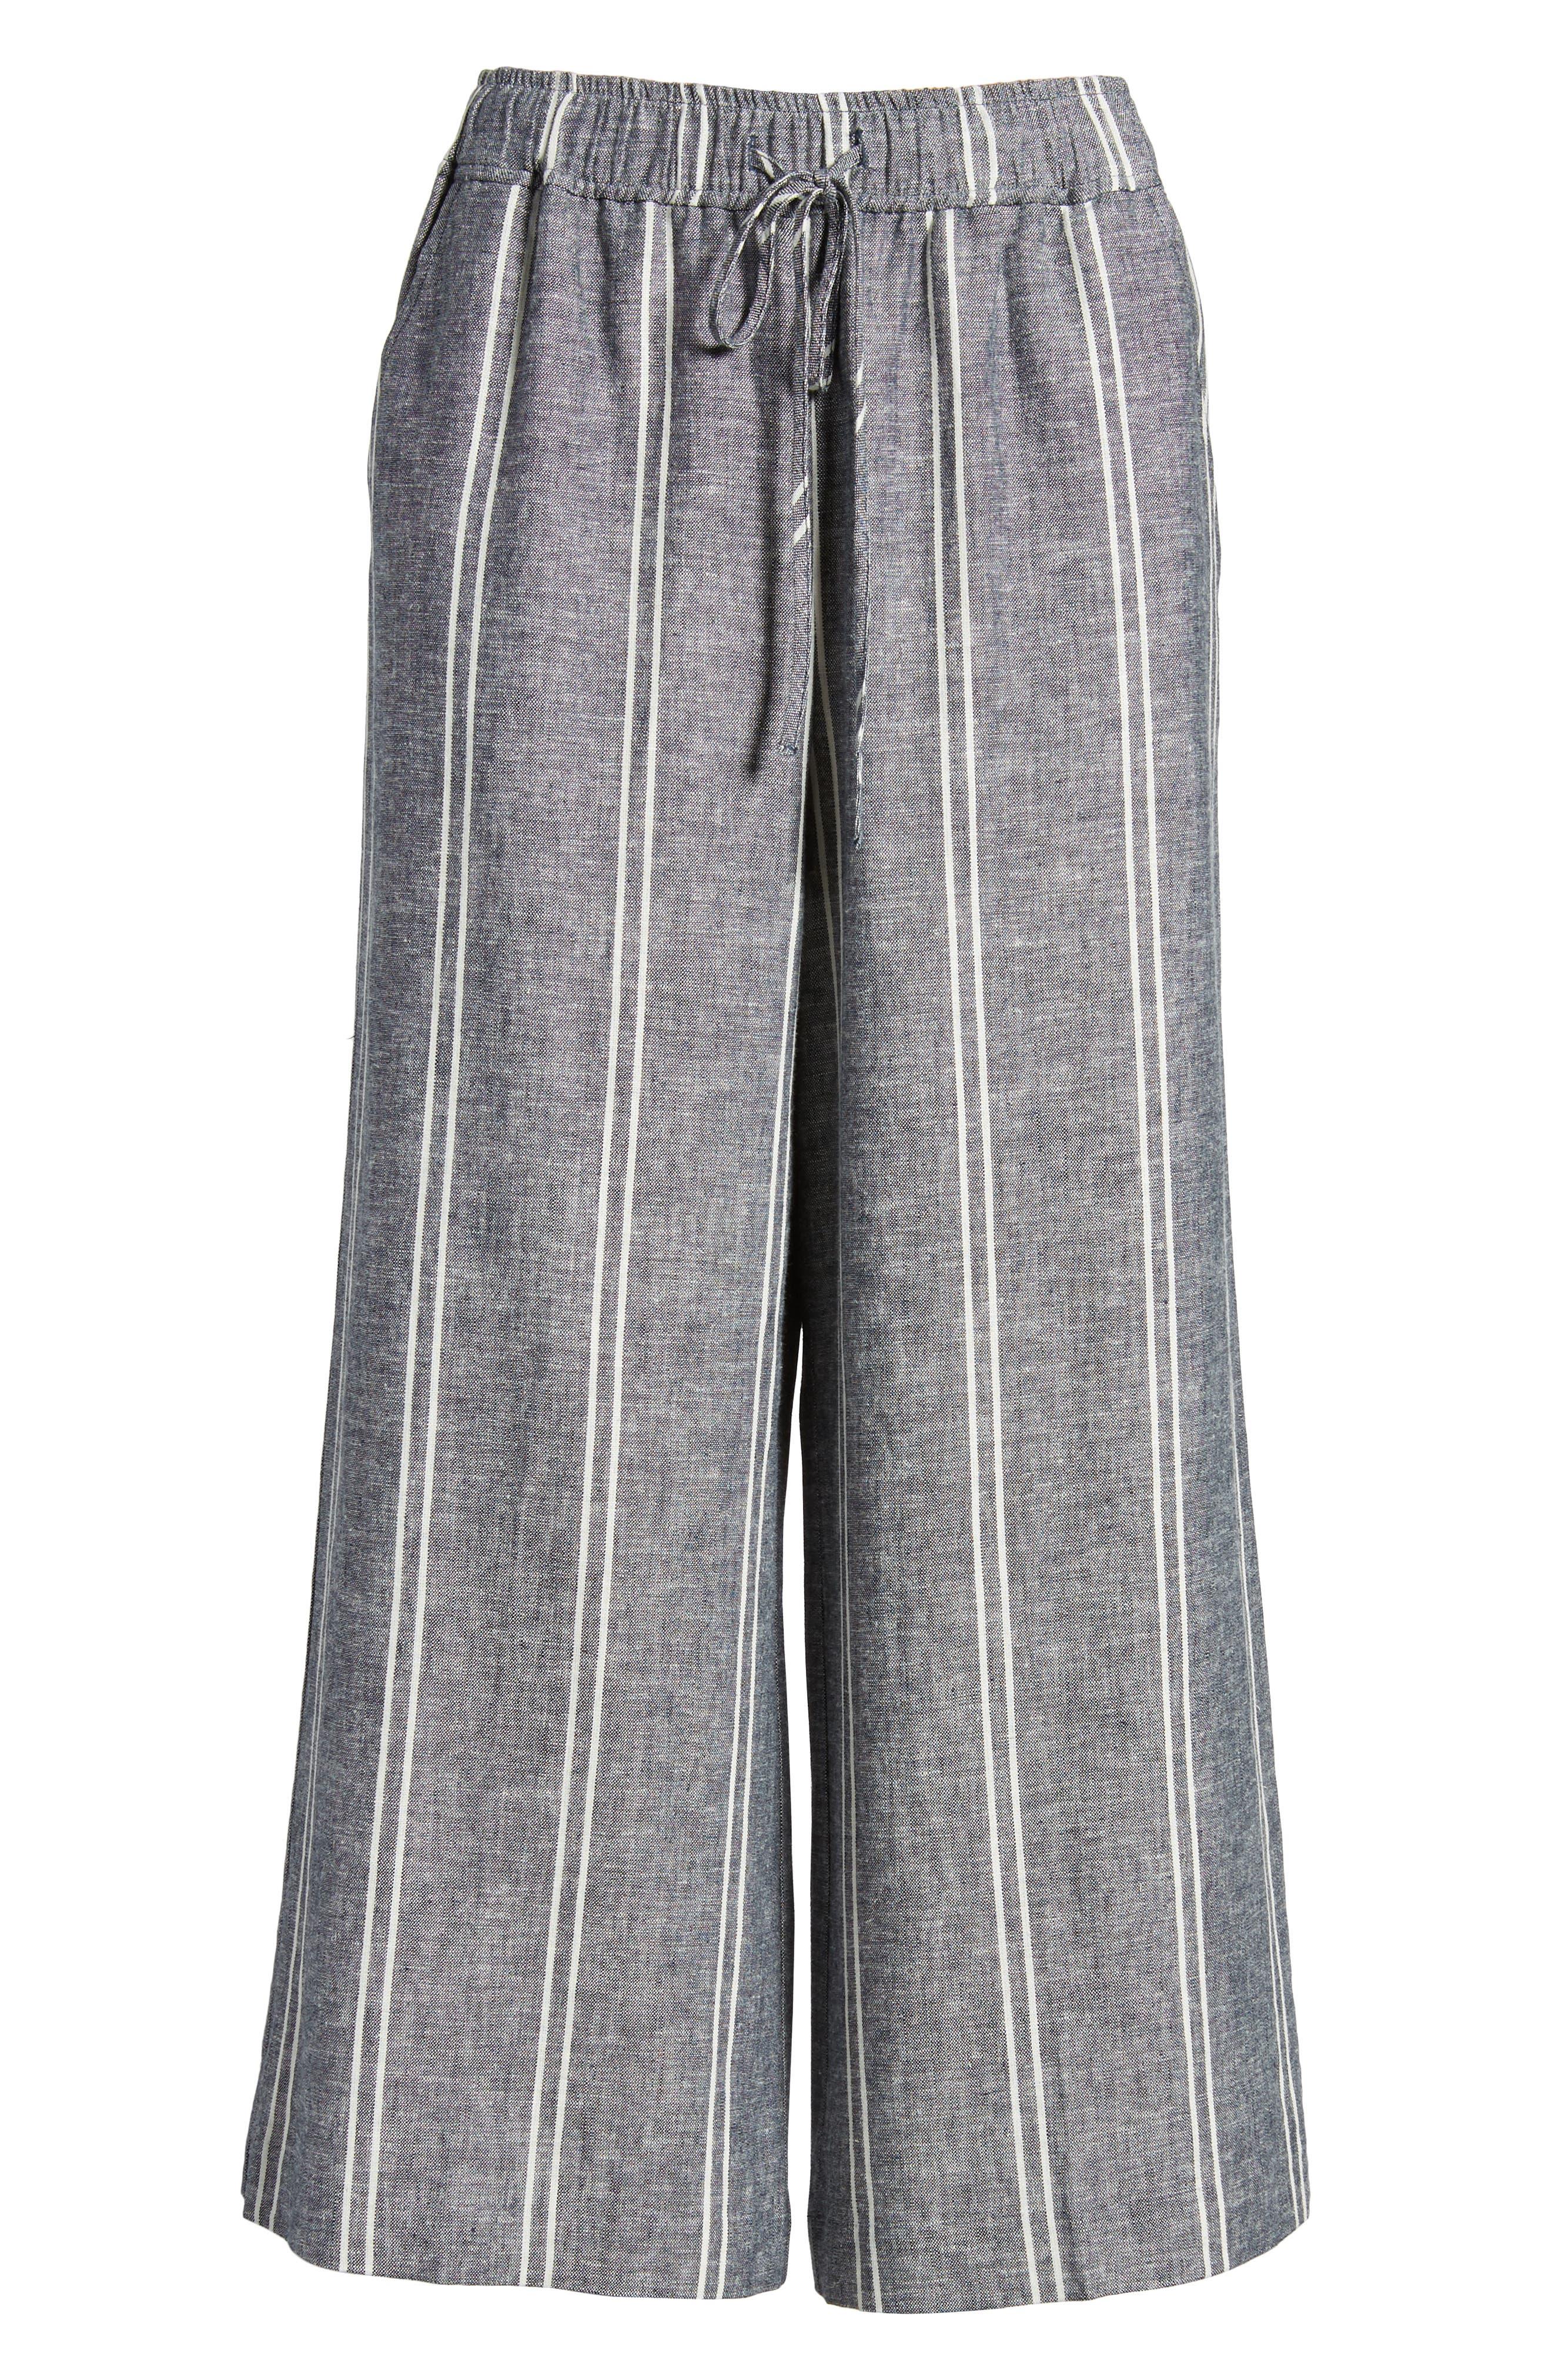 Stripe Linen Blend Culottes,                             Alternate thumbnail 7, color,                             401